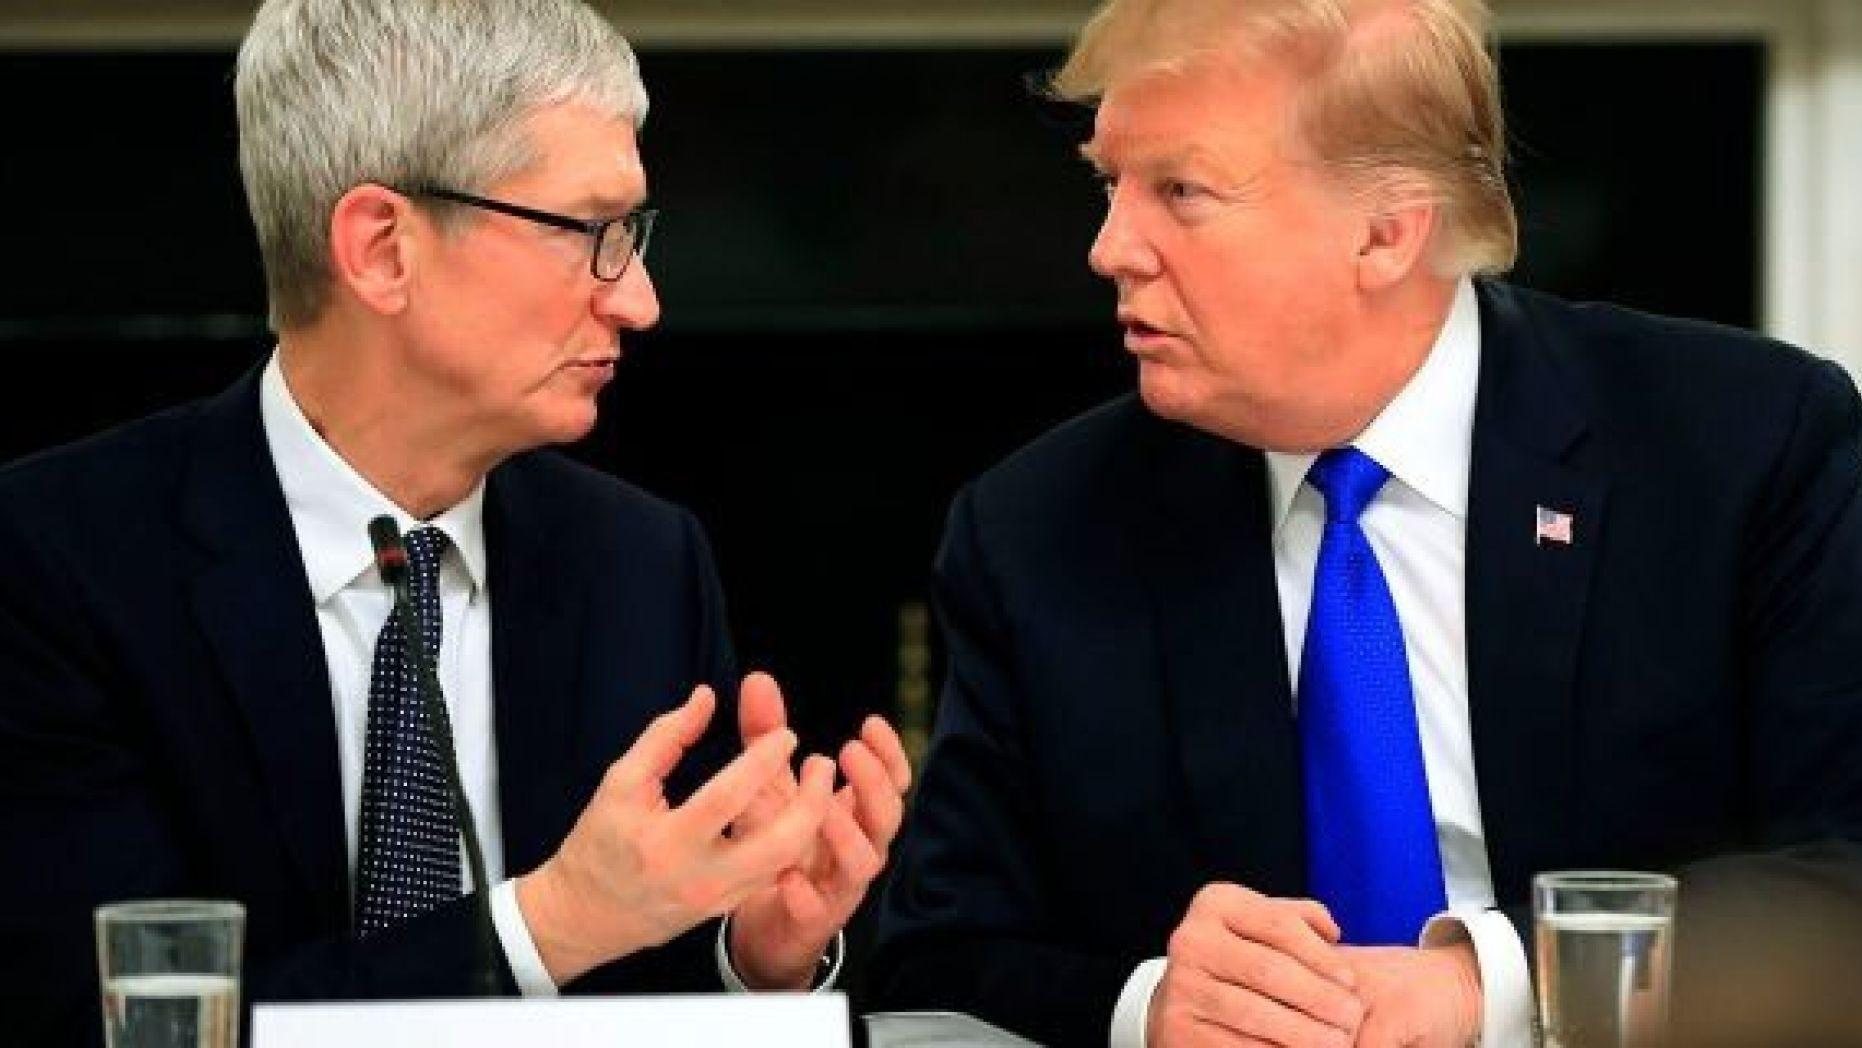 L'usine Apple que Trump prétend inaugurer… existe depuis 6 ans et n'appartient pas à Apple